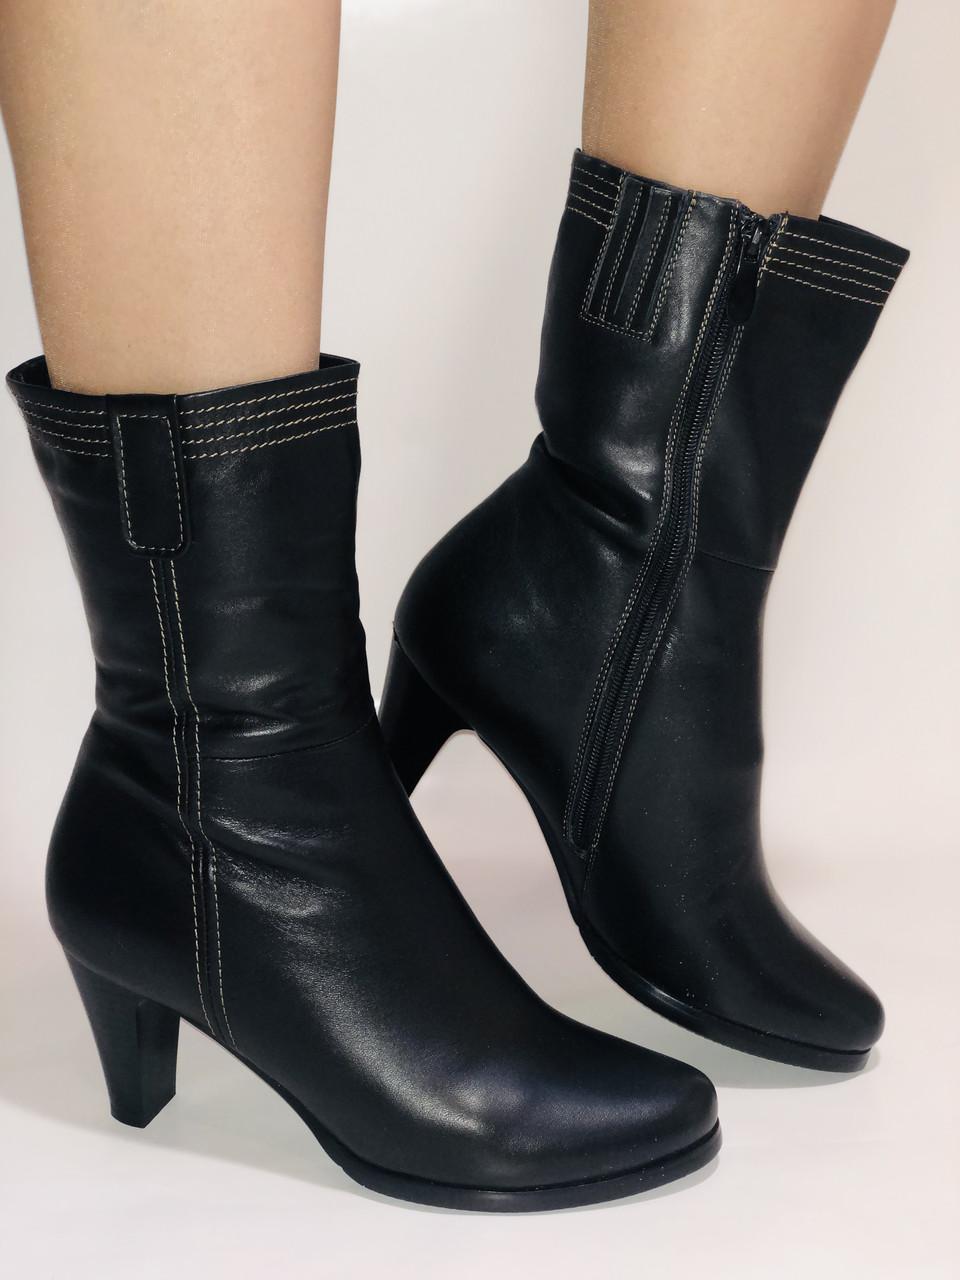 Натуральне хутро. Зимові черевики на середньому каблуці. Натуральна шкіра. Люкс якість. Molka. Р. 37.38